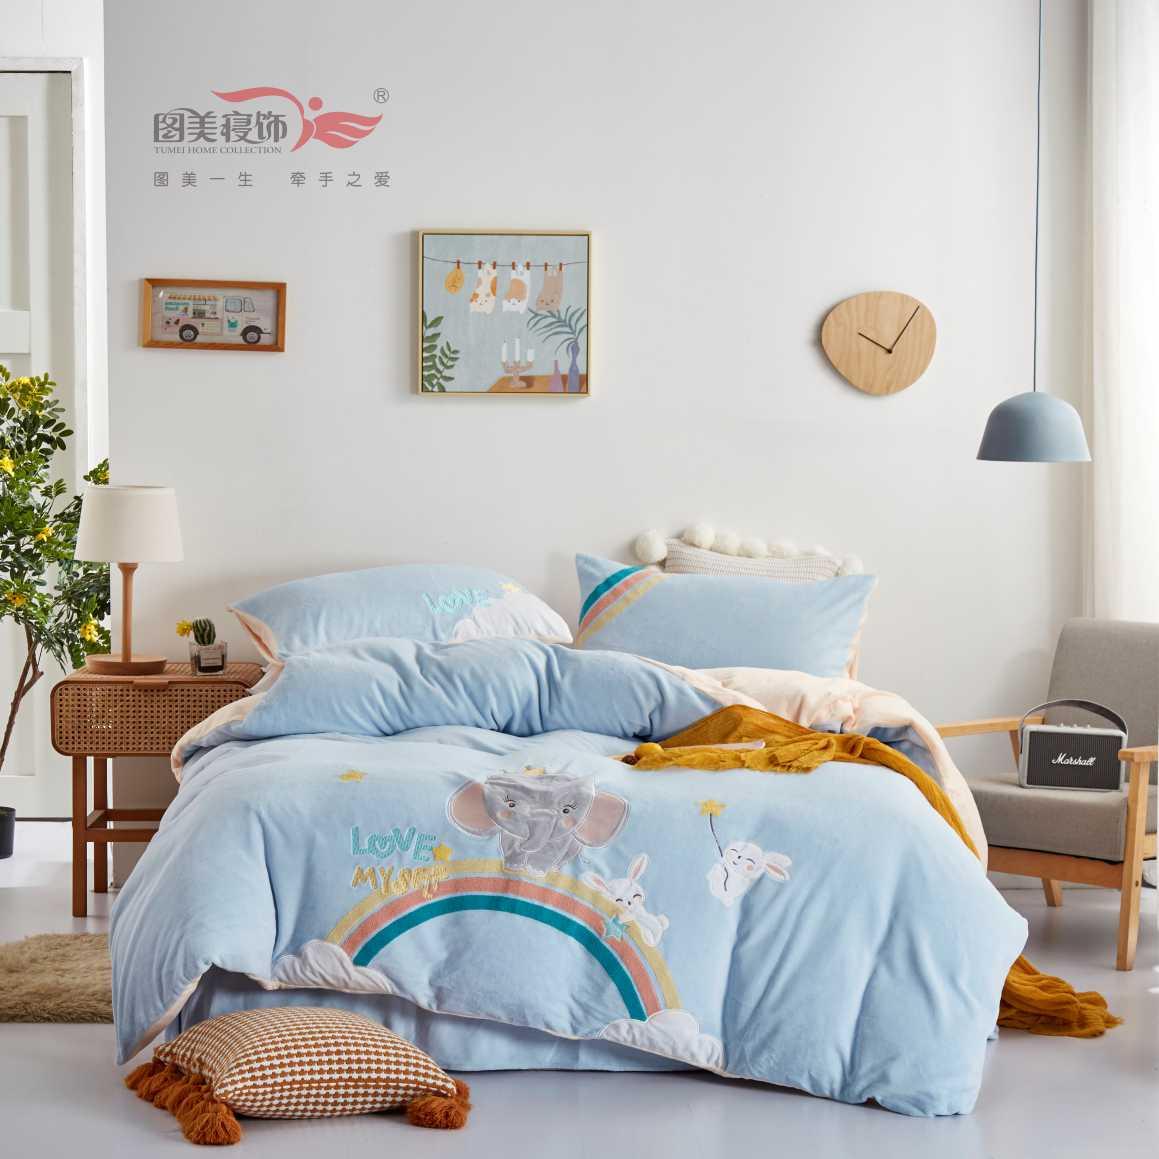 雲絨卡通繡床笠四件套-小藍象